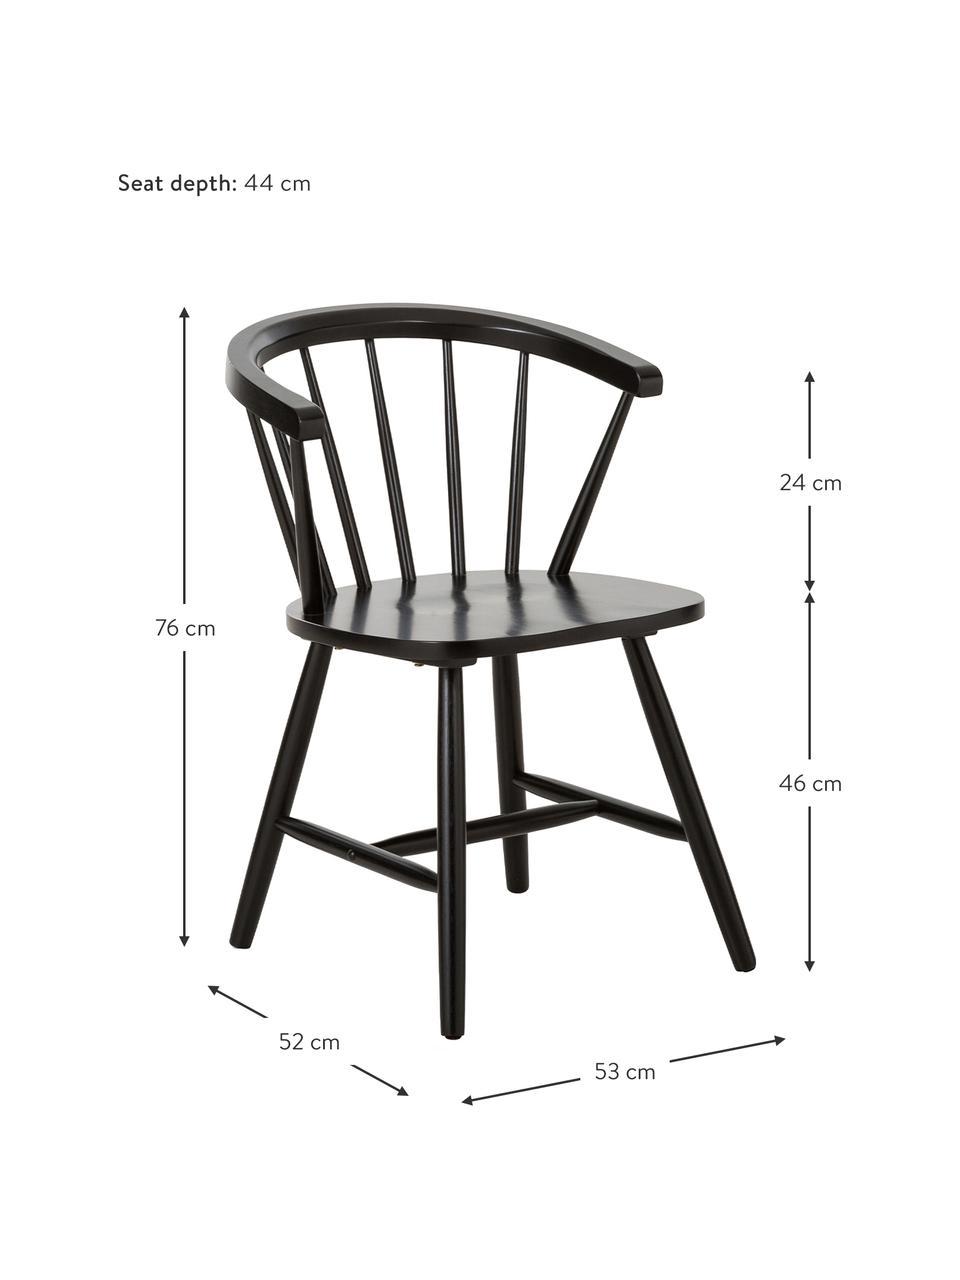 Sedia con braccioli in legno Megan 2 pz, Legno di caucciù verniciato, Nero, Larg. 53 x Prof. 52 cm